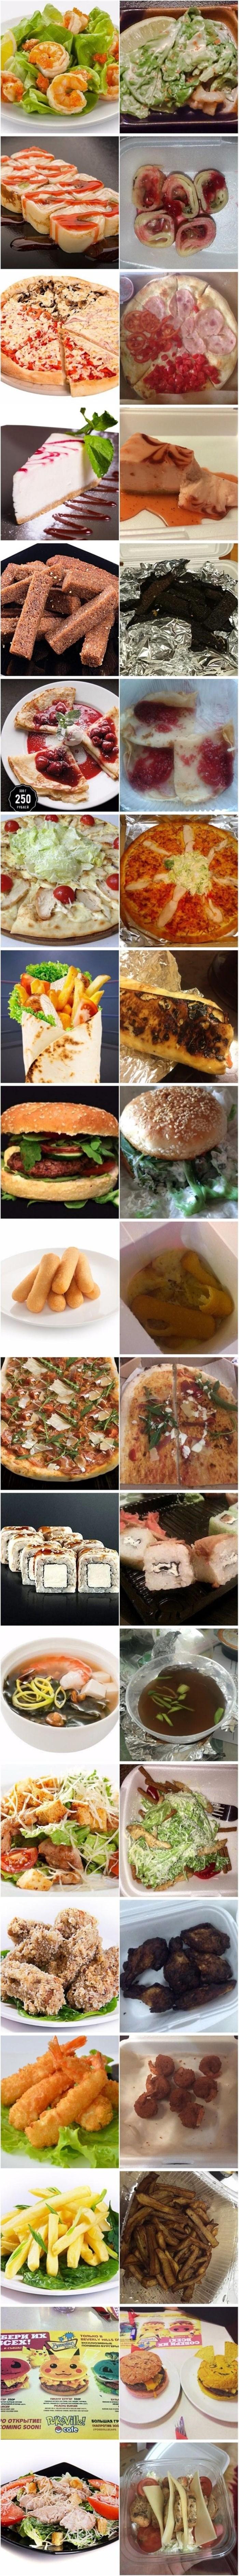 Hrana na slikama uvijek izgleda bolje, neki su bili razočarani onim što su na kraju dobili